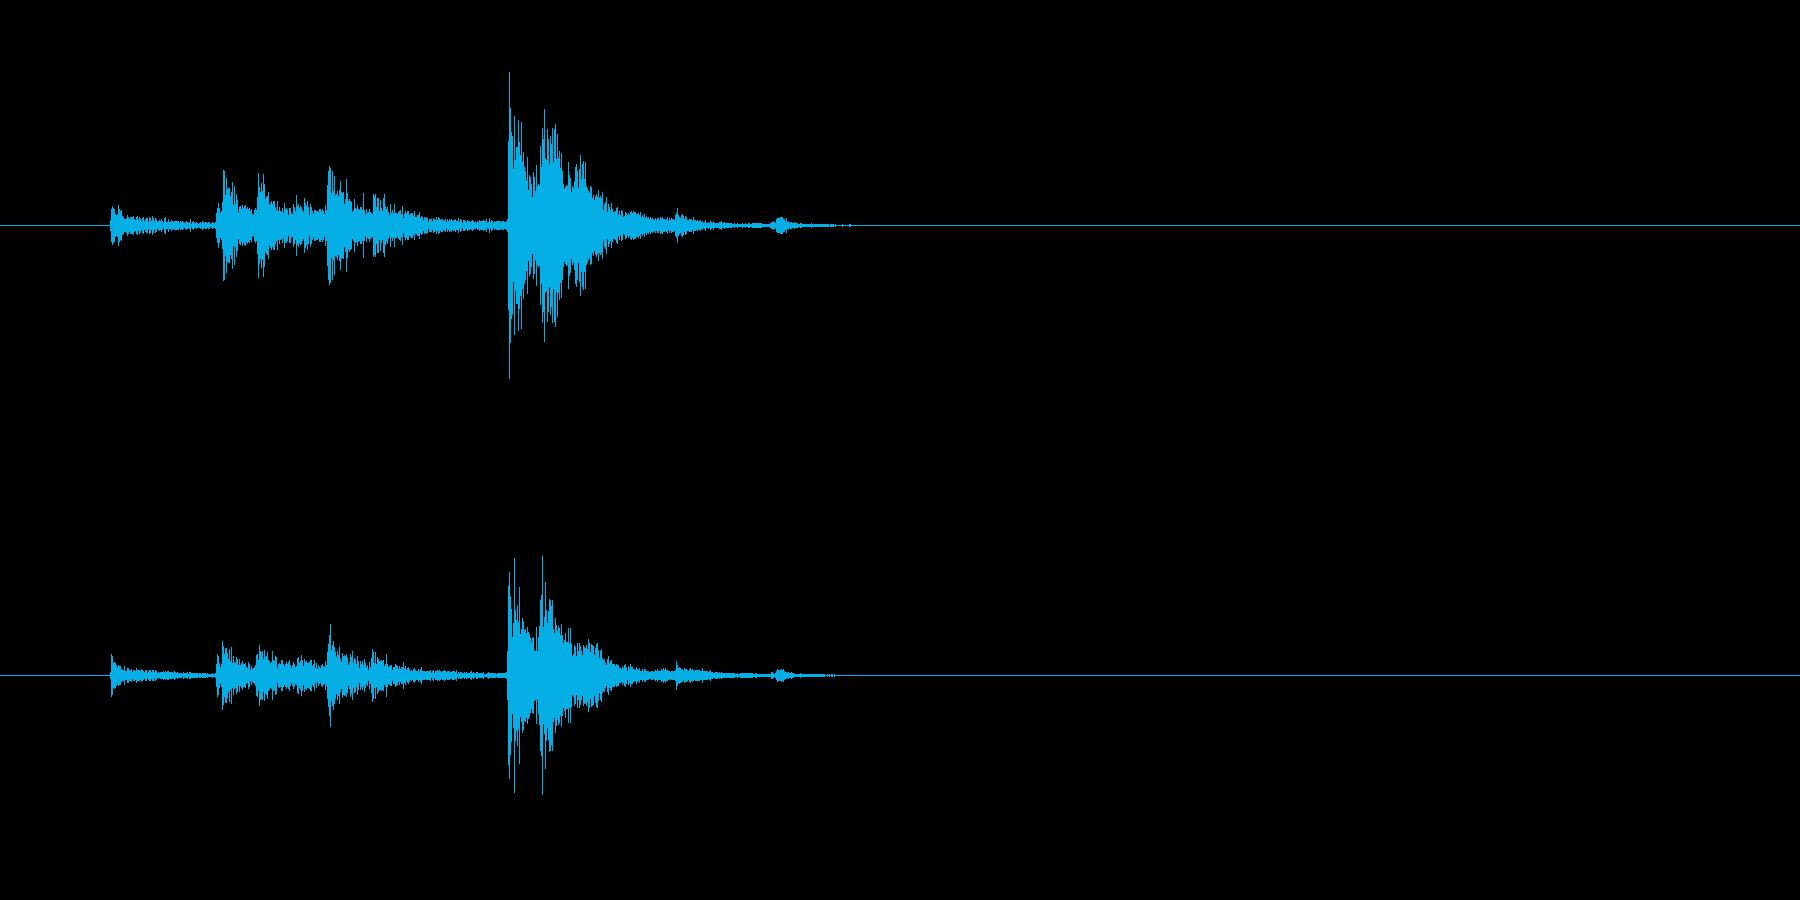 スチール缶貯金箱にコインを入れる音2の再生済みの波形